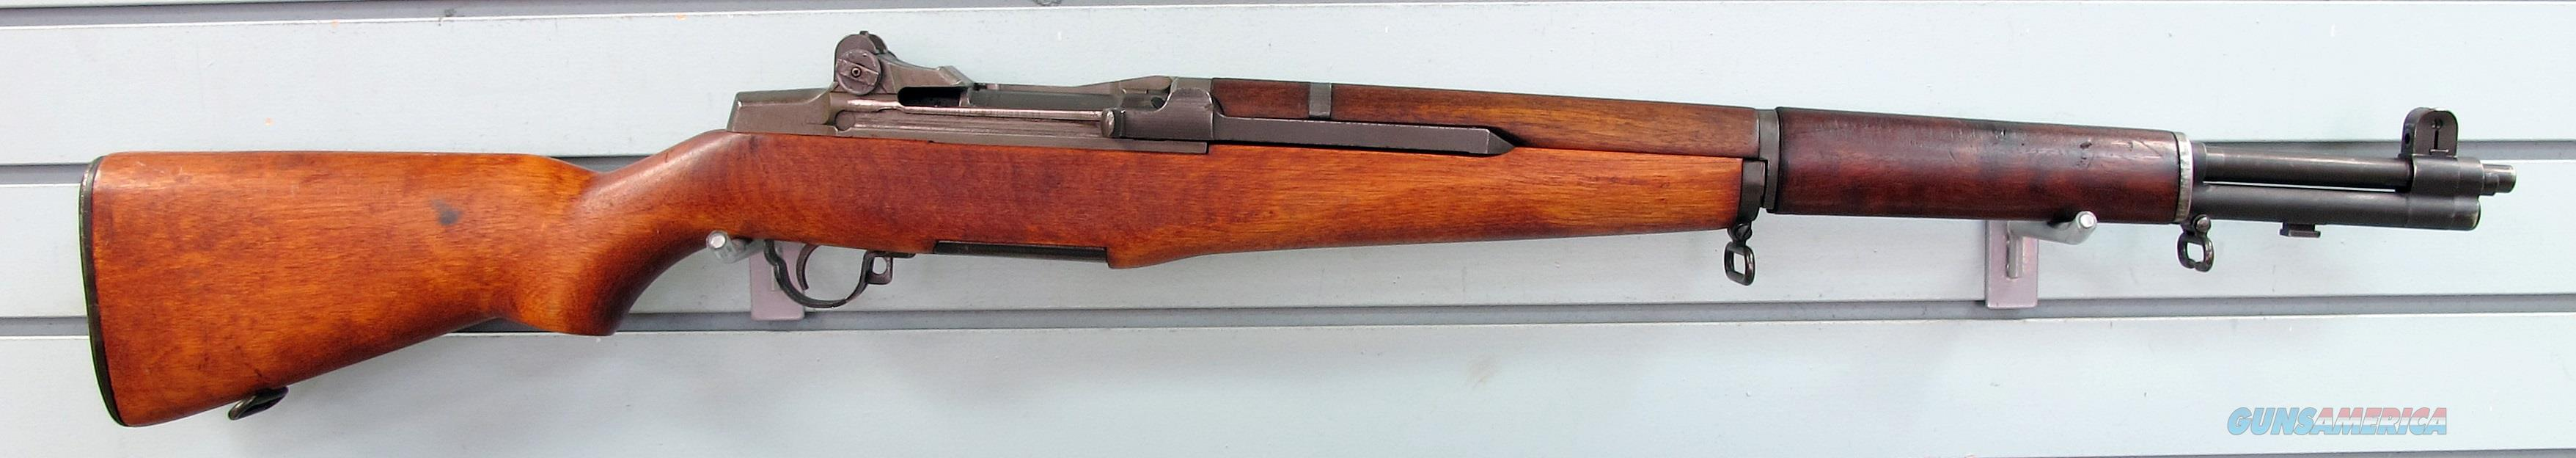 SPRINGFIELD ARMORY M1 GARAND 30-06 RIFLE  Guns > Rifles > Springfield Armory Rifles > M1 Garand